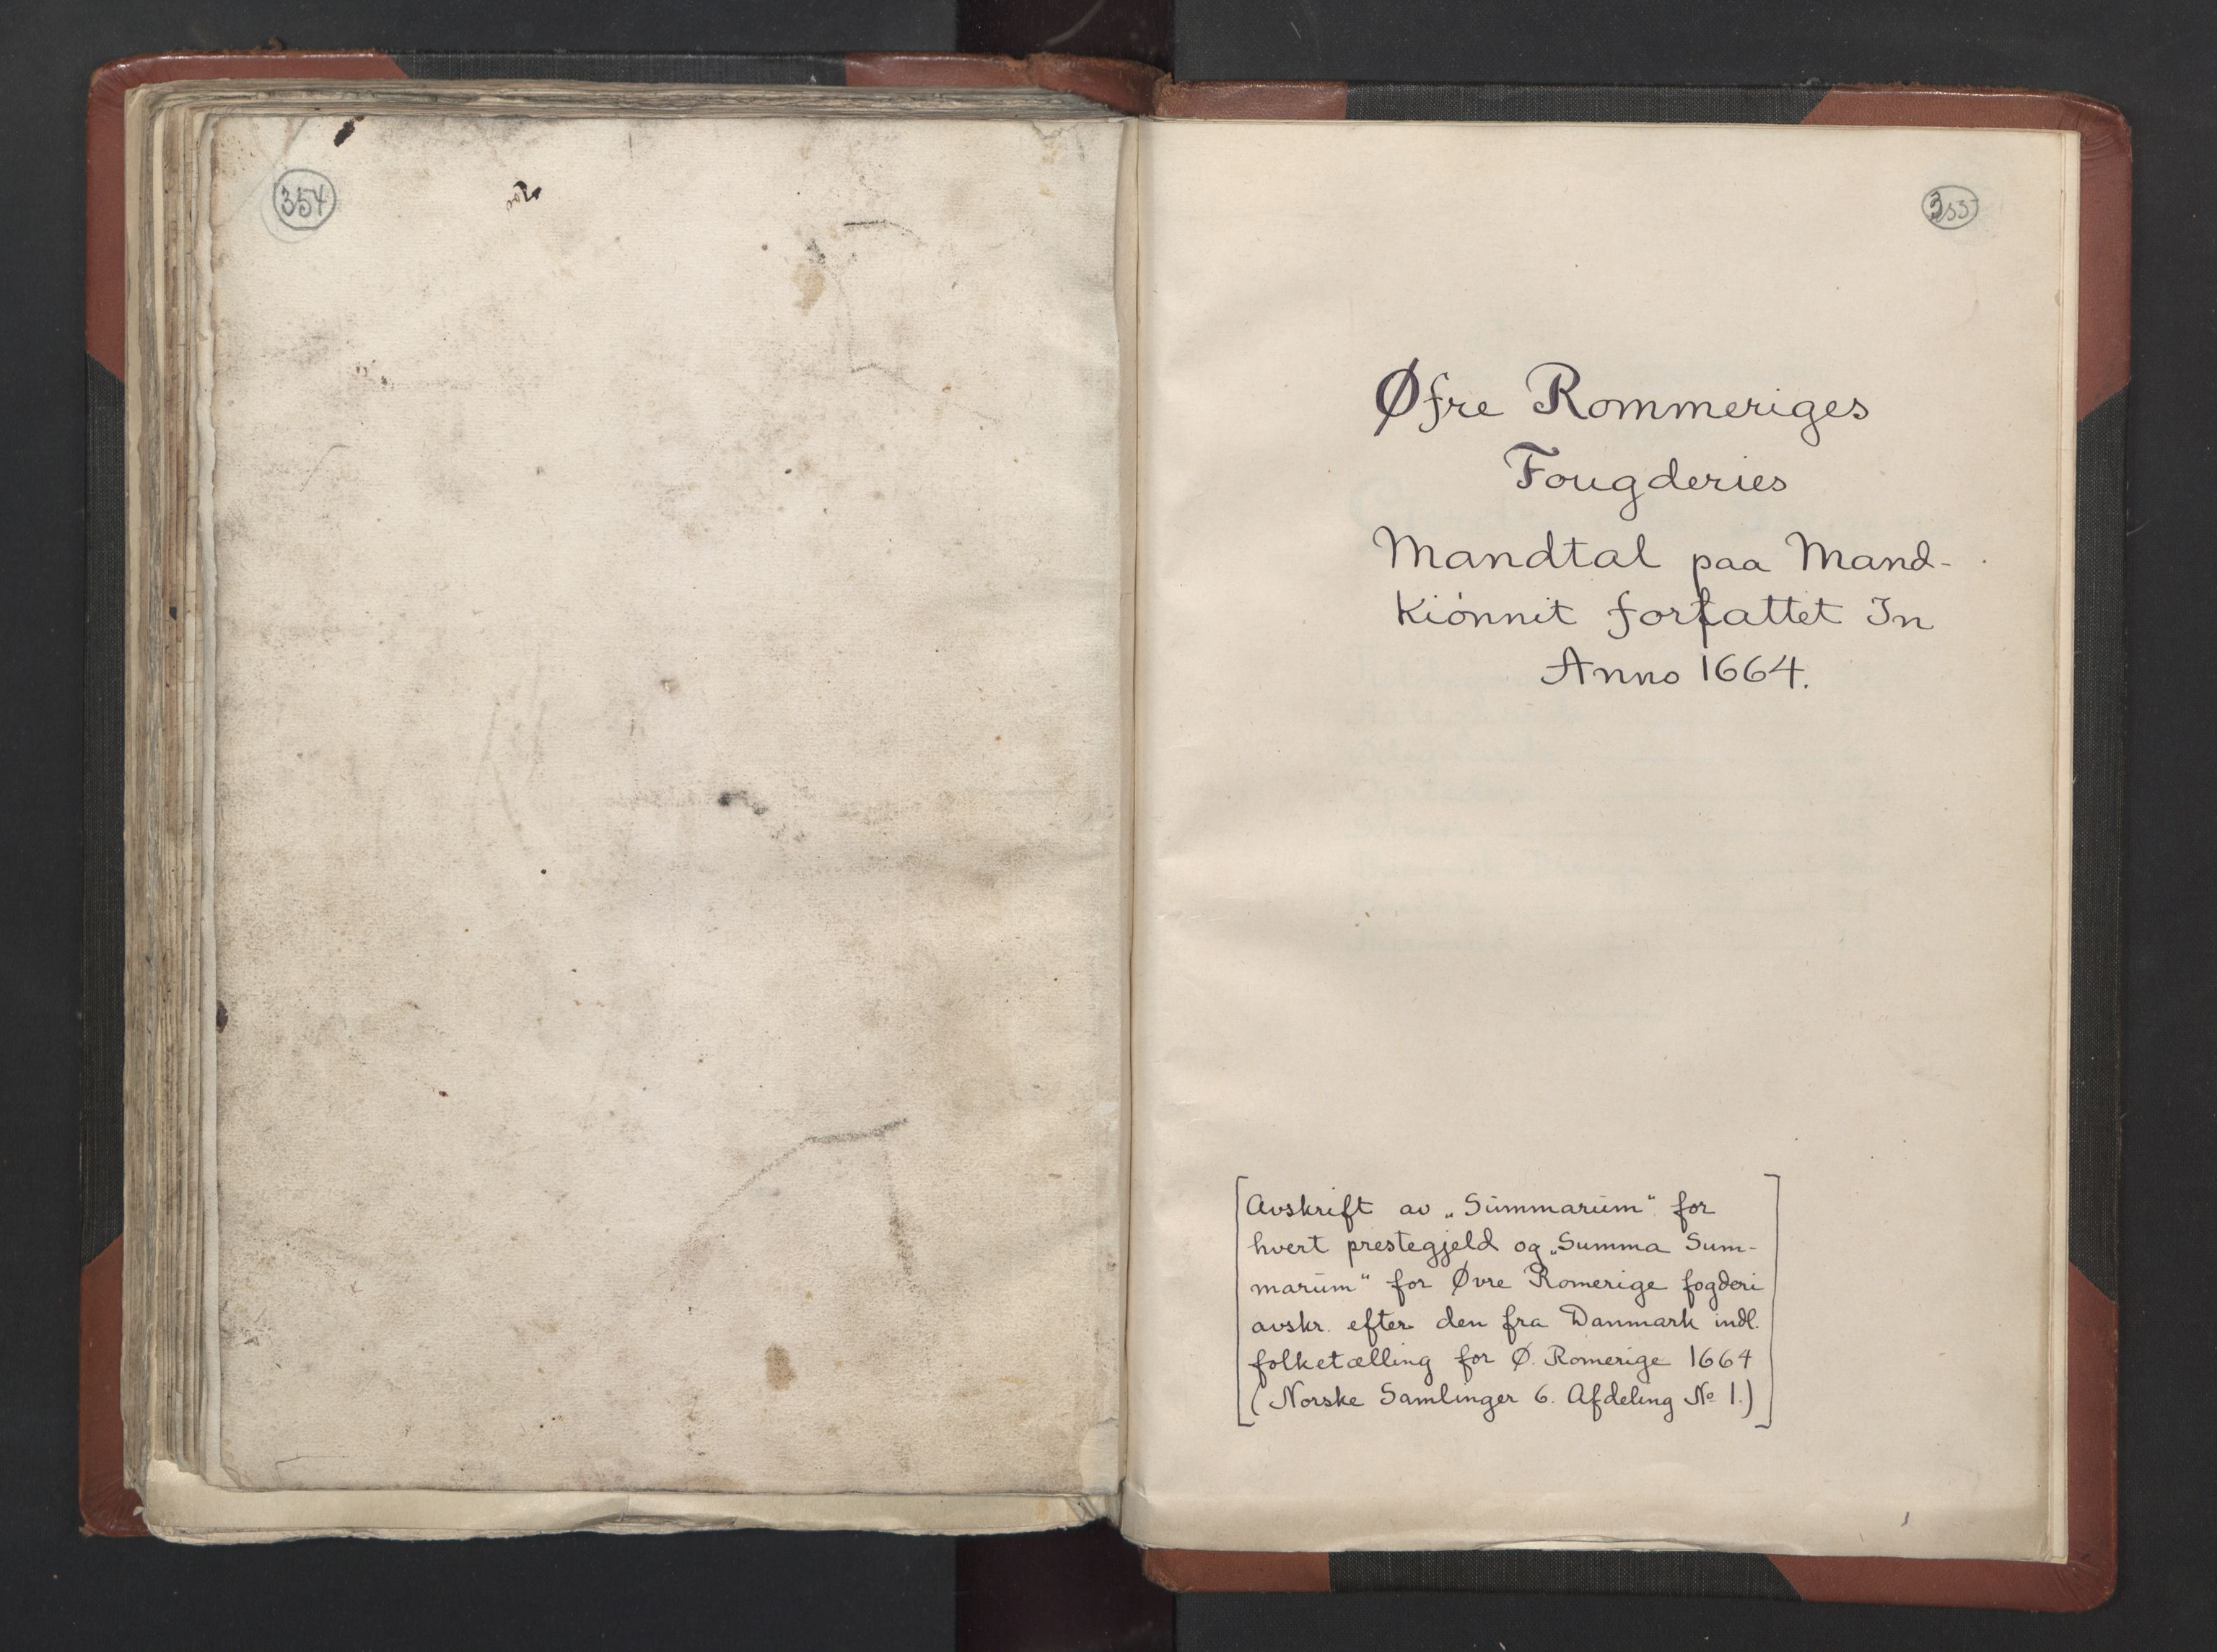 RA, Fogdenes og sorenskrivernes manntall 1664-1666, nr. 2: Aker fogderi, Follo fogderi, Nedre Romerike fogderi og Øvre Romerike fogderi, 1664, s. 354-355